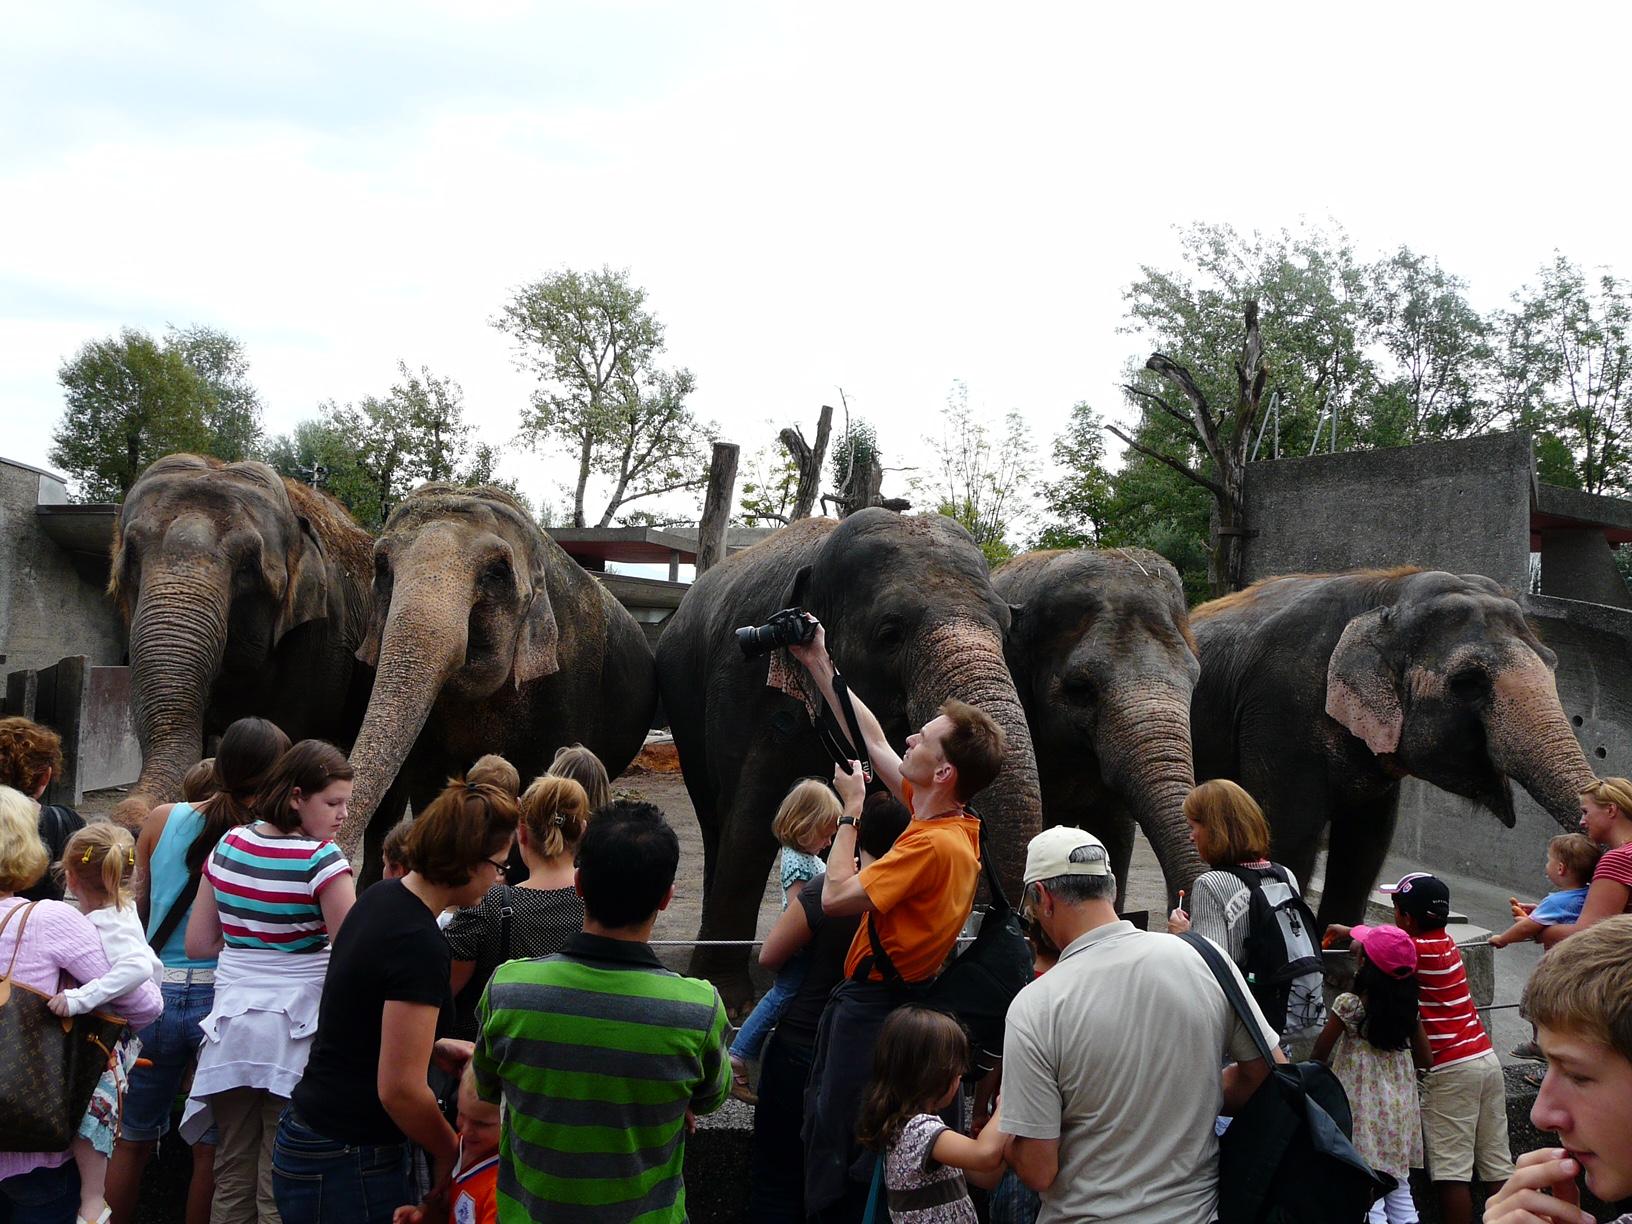 Зоопарк за галене в Швейцария - най-голямата атракция, храненето на слоновете